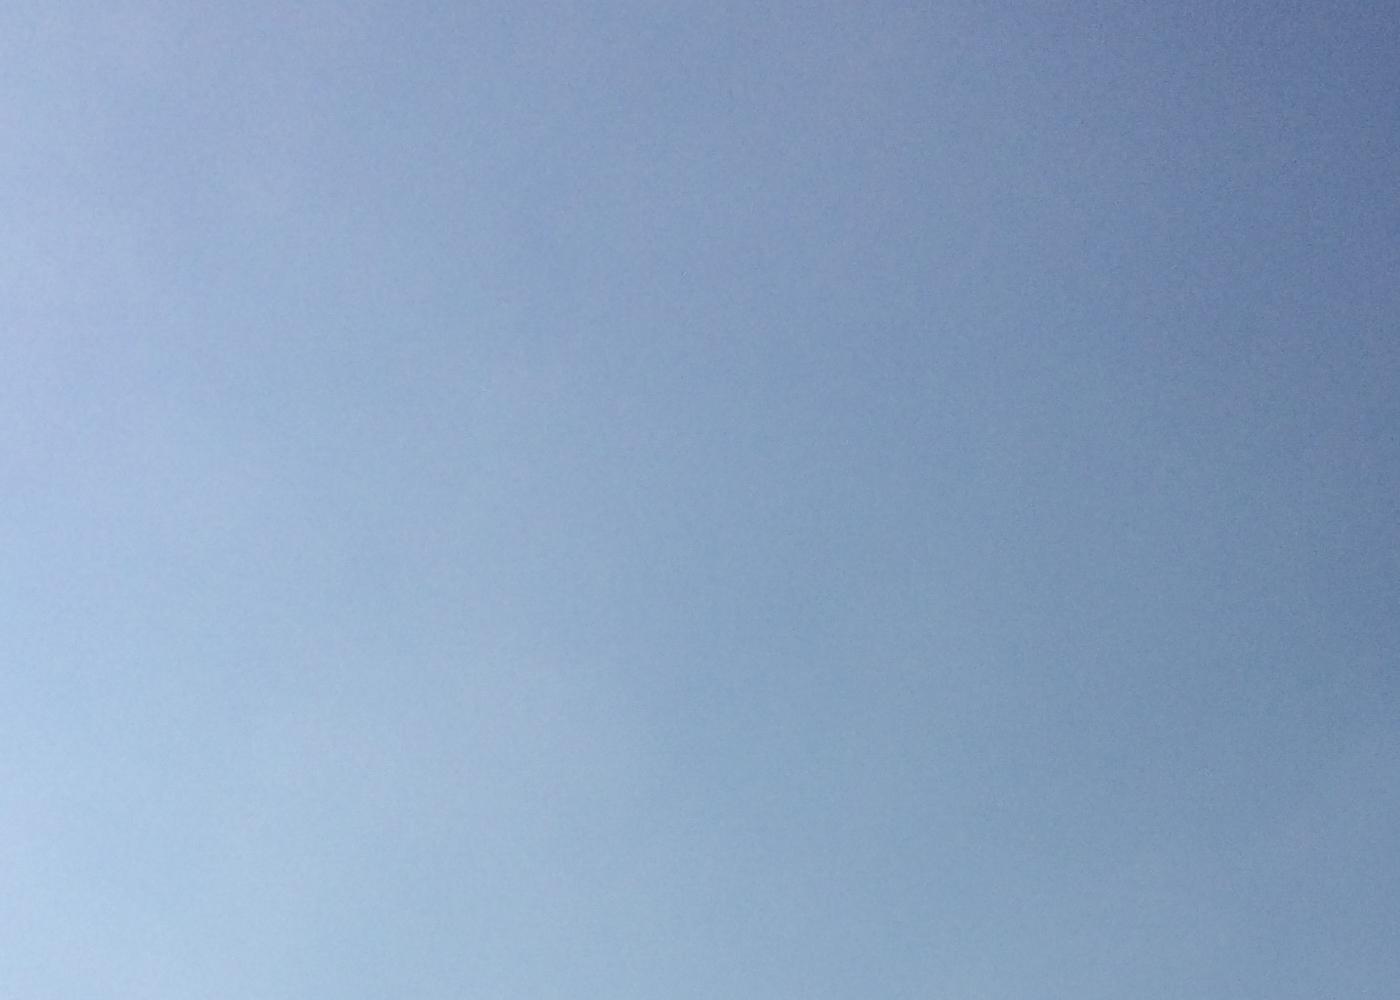 david saik studio_blue sky 5